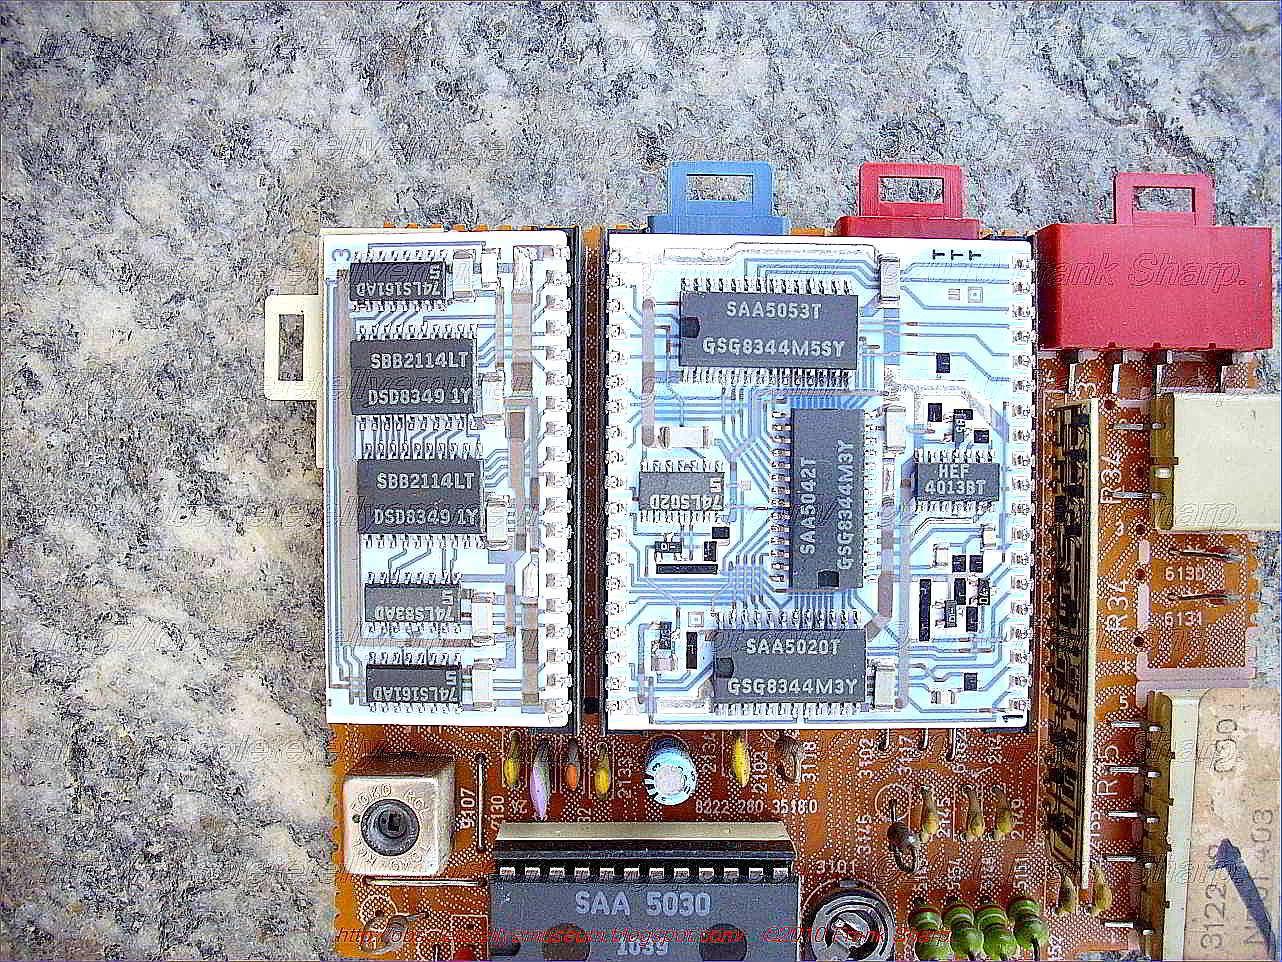 """OD 2 3//8""""L X 1 1//2""""W screen 1 7//8""""L X 3//4""""W PCIM 183A LCD"""